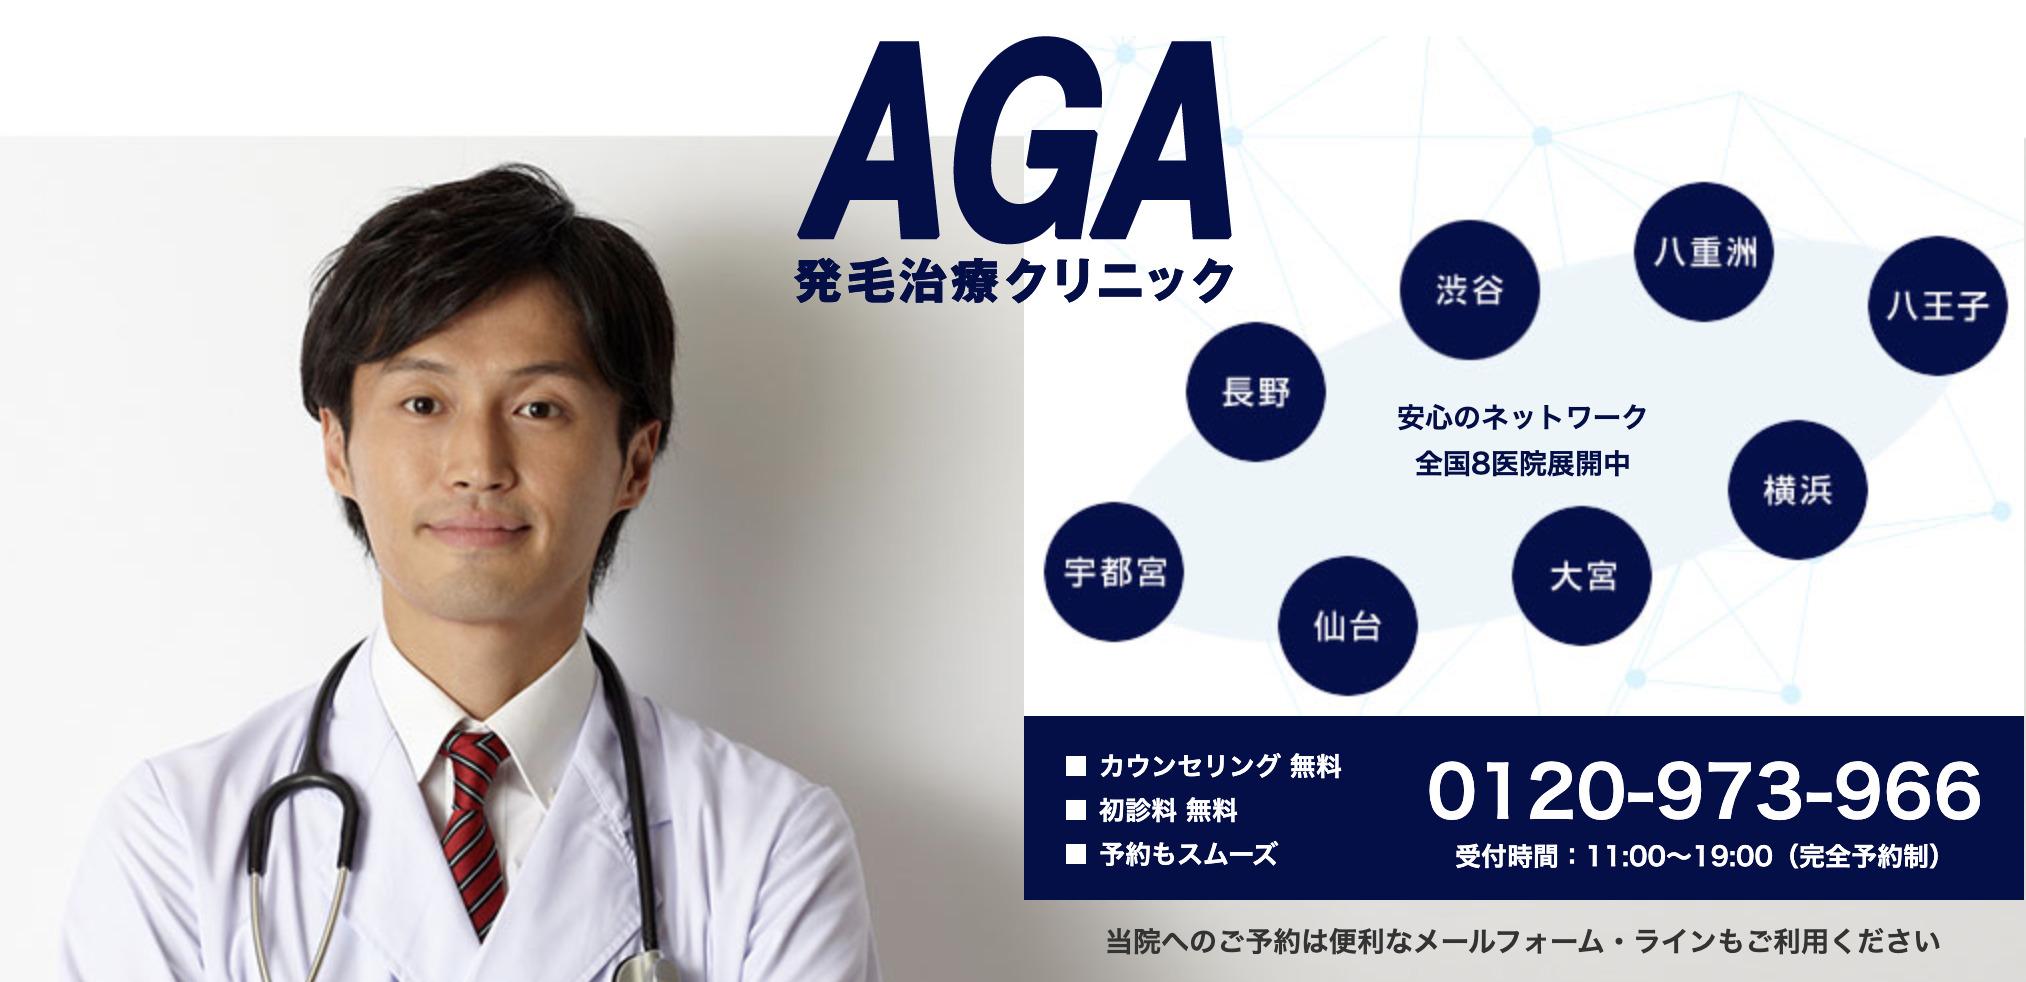 東京AGAクリニックのイメージ